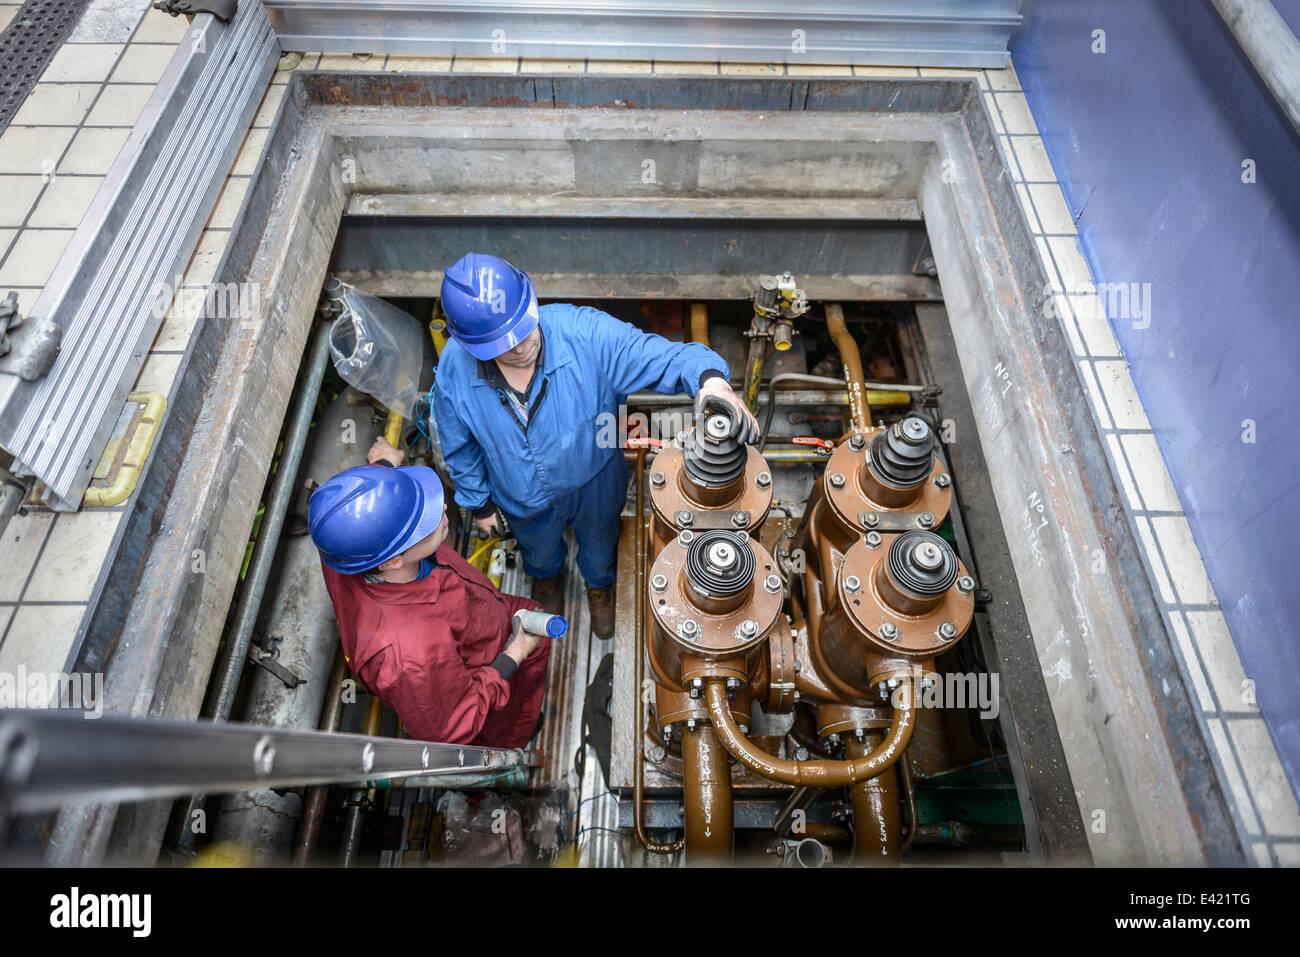 Ingenieure prüfen elektrische Einheit während Kraftwerk Ausfalls, erhöhten Blick Stockbild